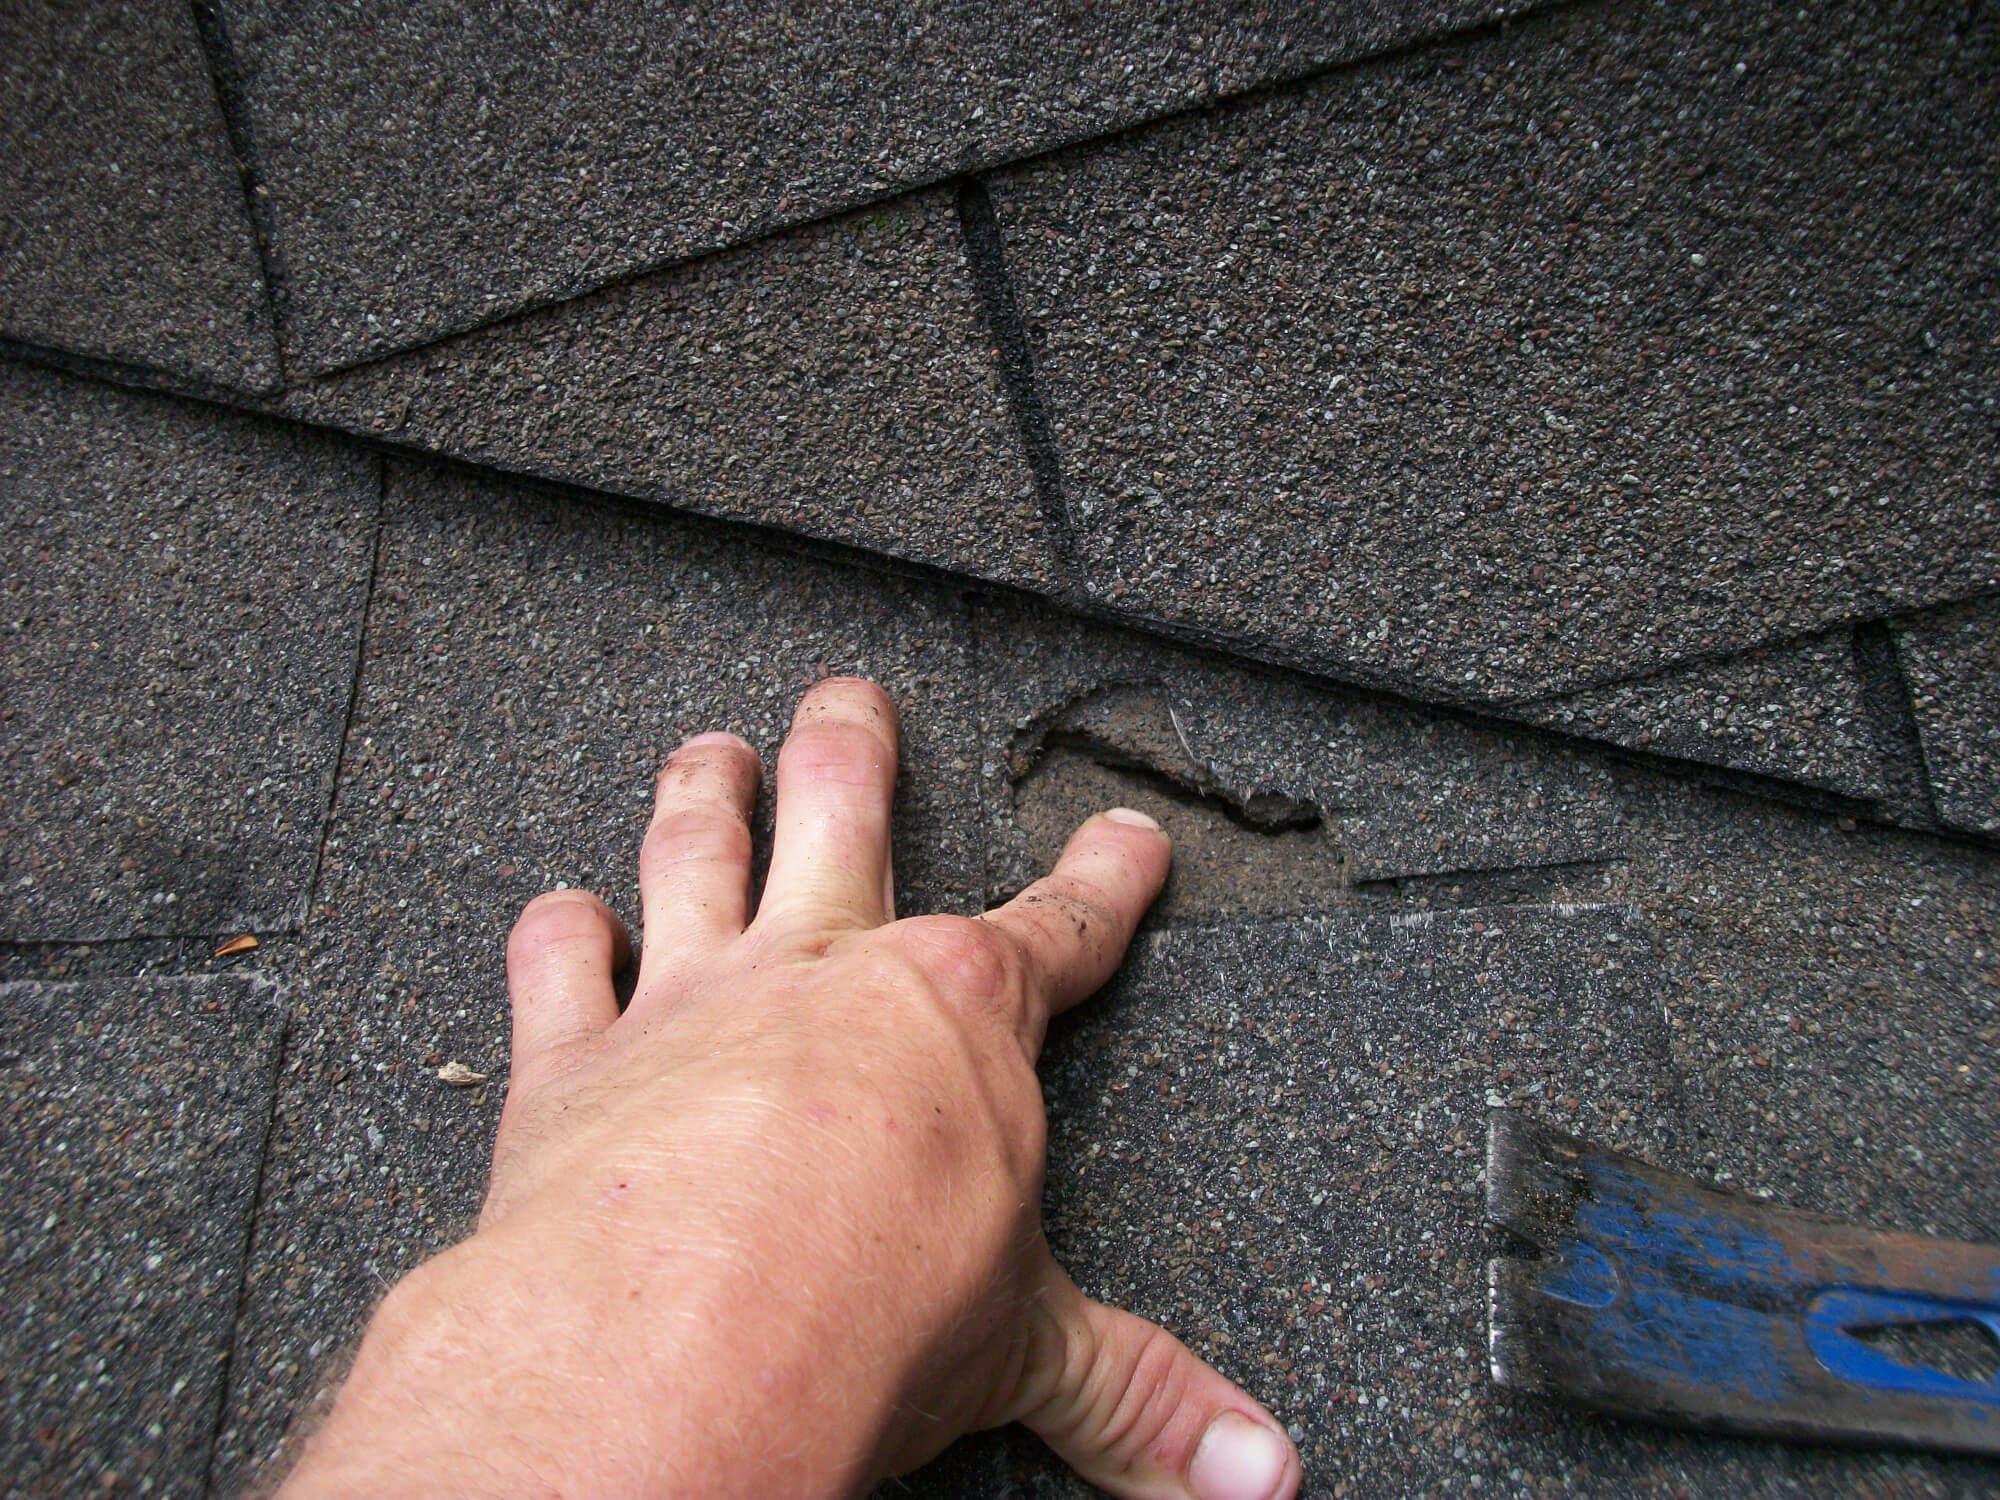 Réparation de toiture, bardeaux d'asphalte